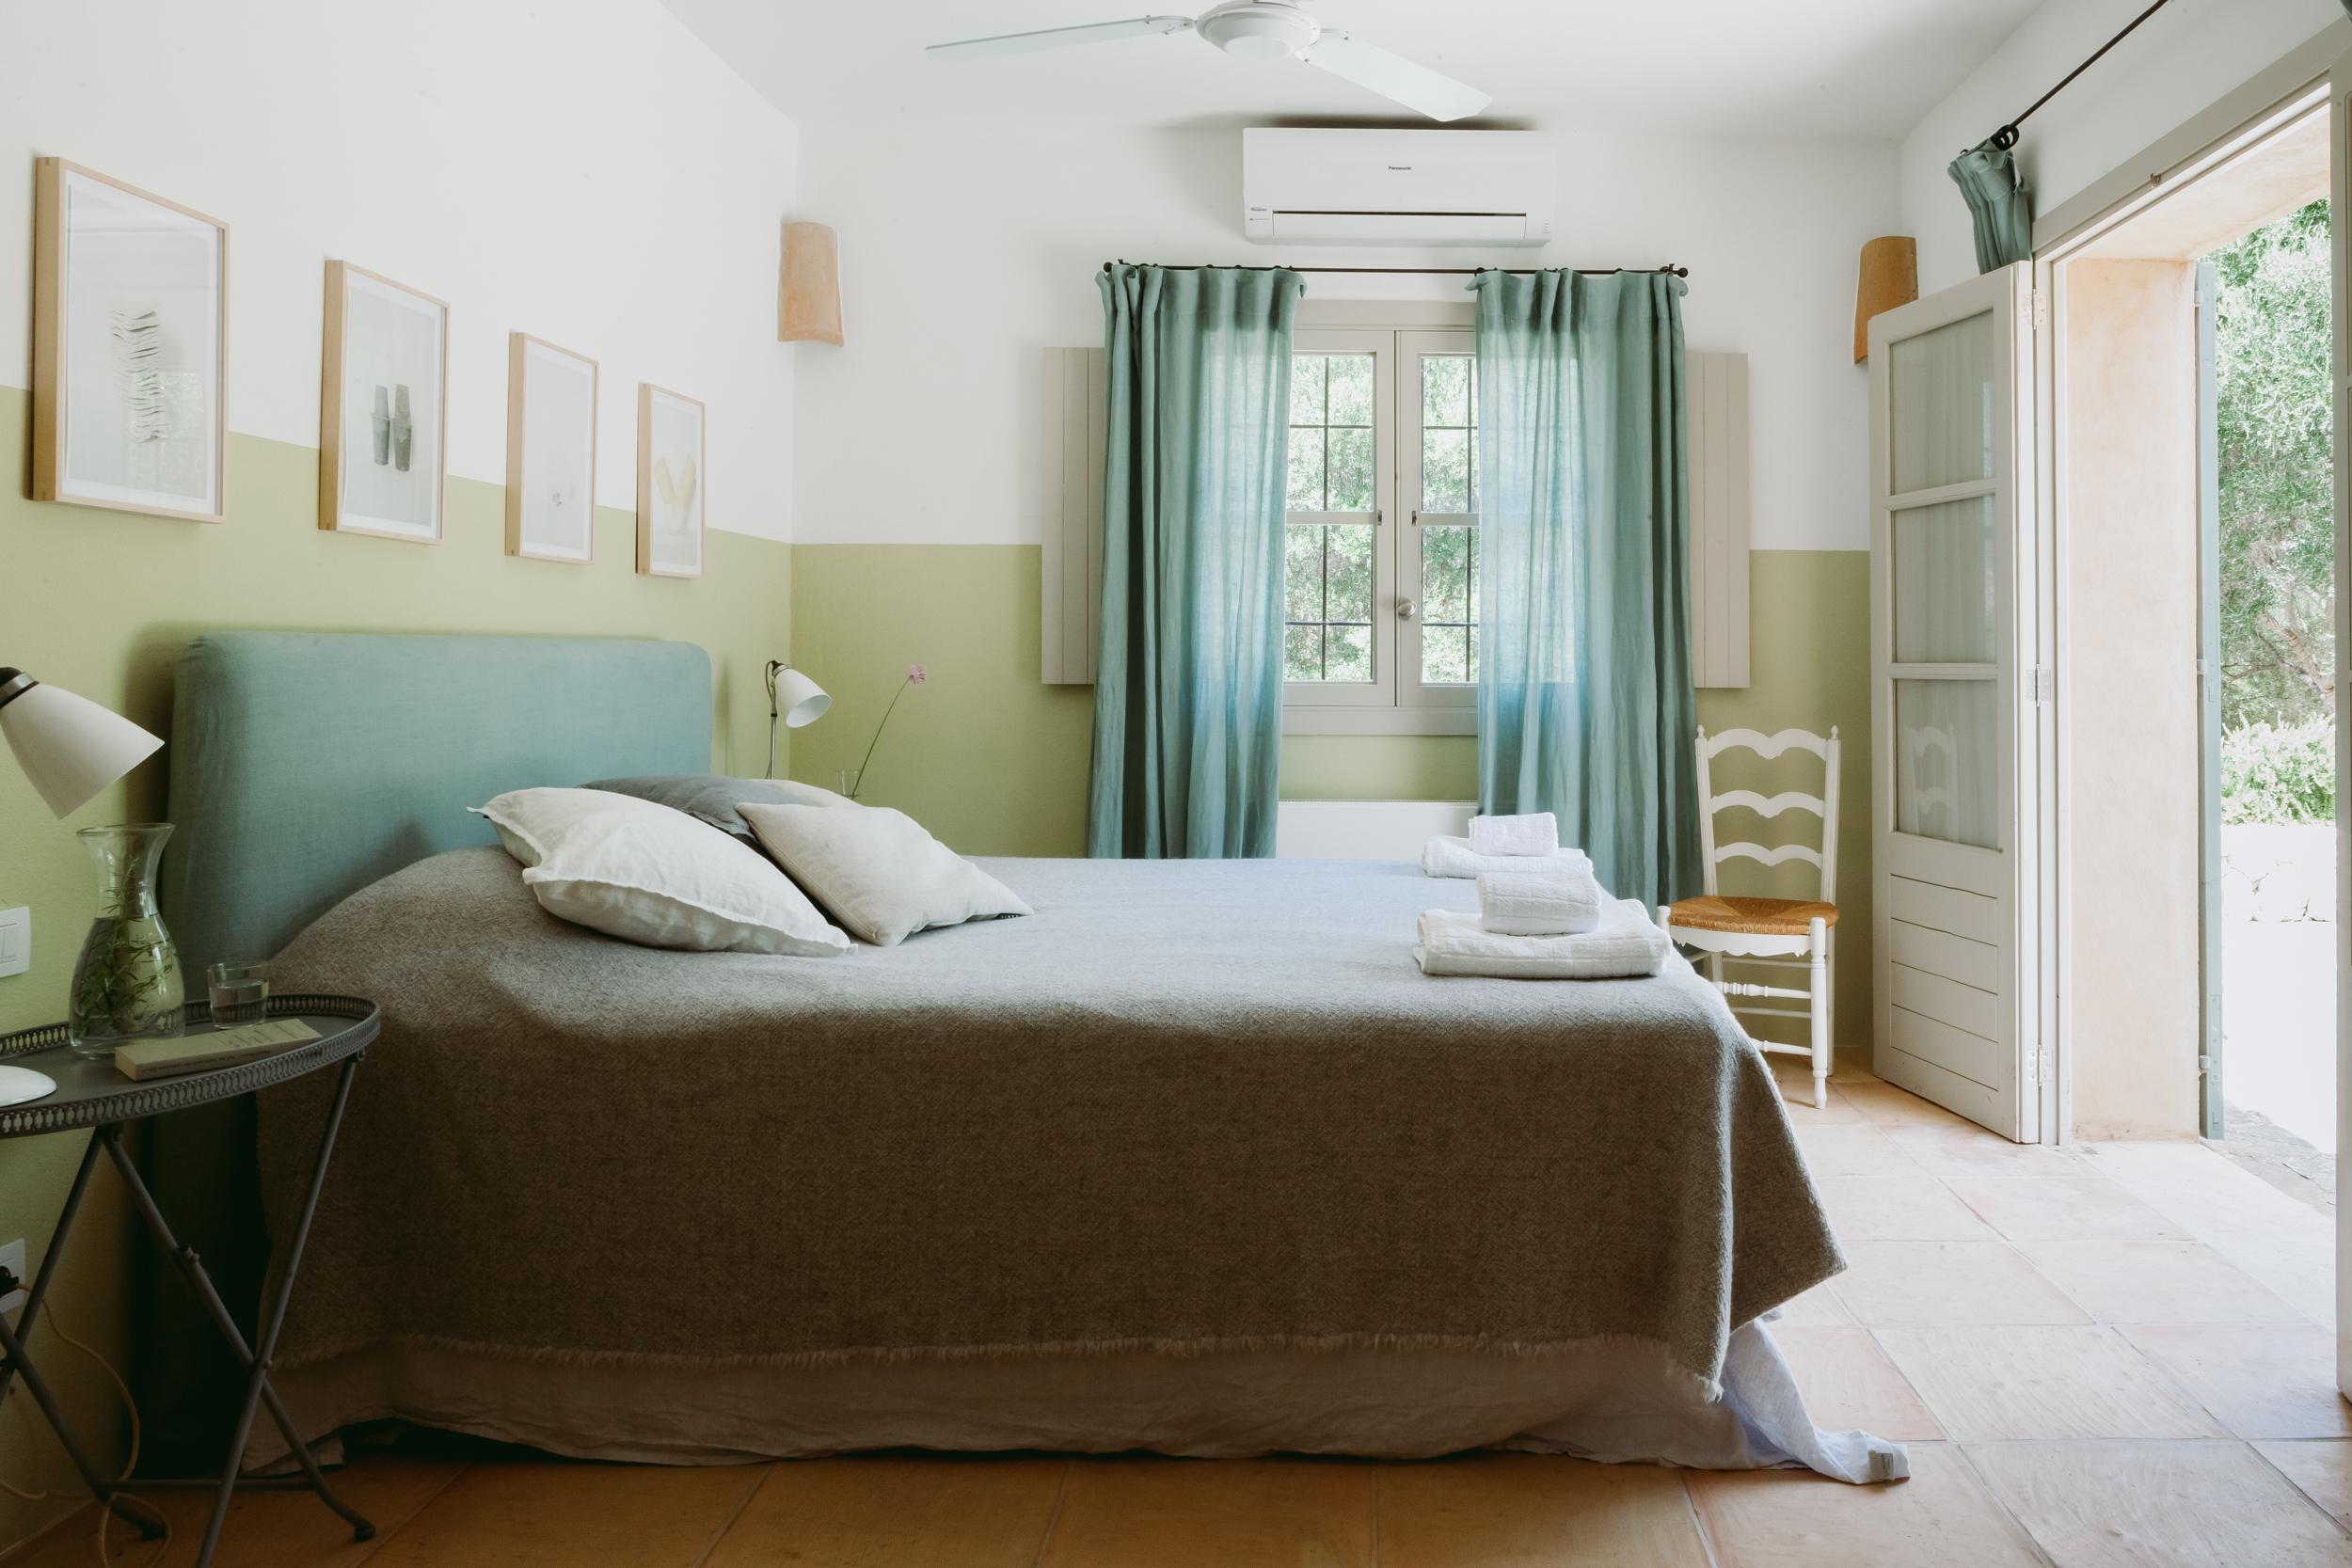 SCHLAFZIMMER 1 - Zimmer mit Doppelbett (160 x 200 cm) und en suite Badezimmer mit Duschbad auf der untersten Ebene; mit direktem Terrassenzugang.Das Wohn-/Schlafzimmer mit Ausziehsofa (190 x 140 cm) ist durch eine Tür verbunden und verfügt ebenfalls über einen eigenen Zugang zur Terrasse.